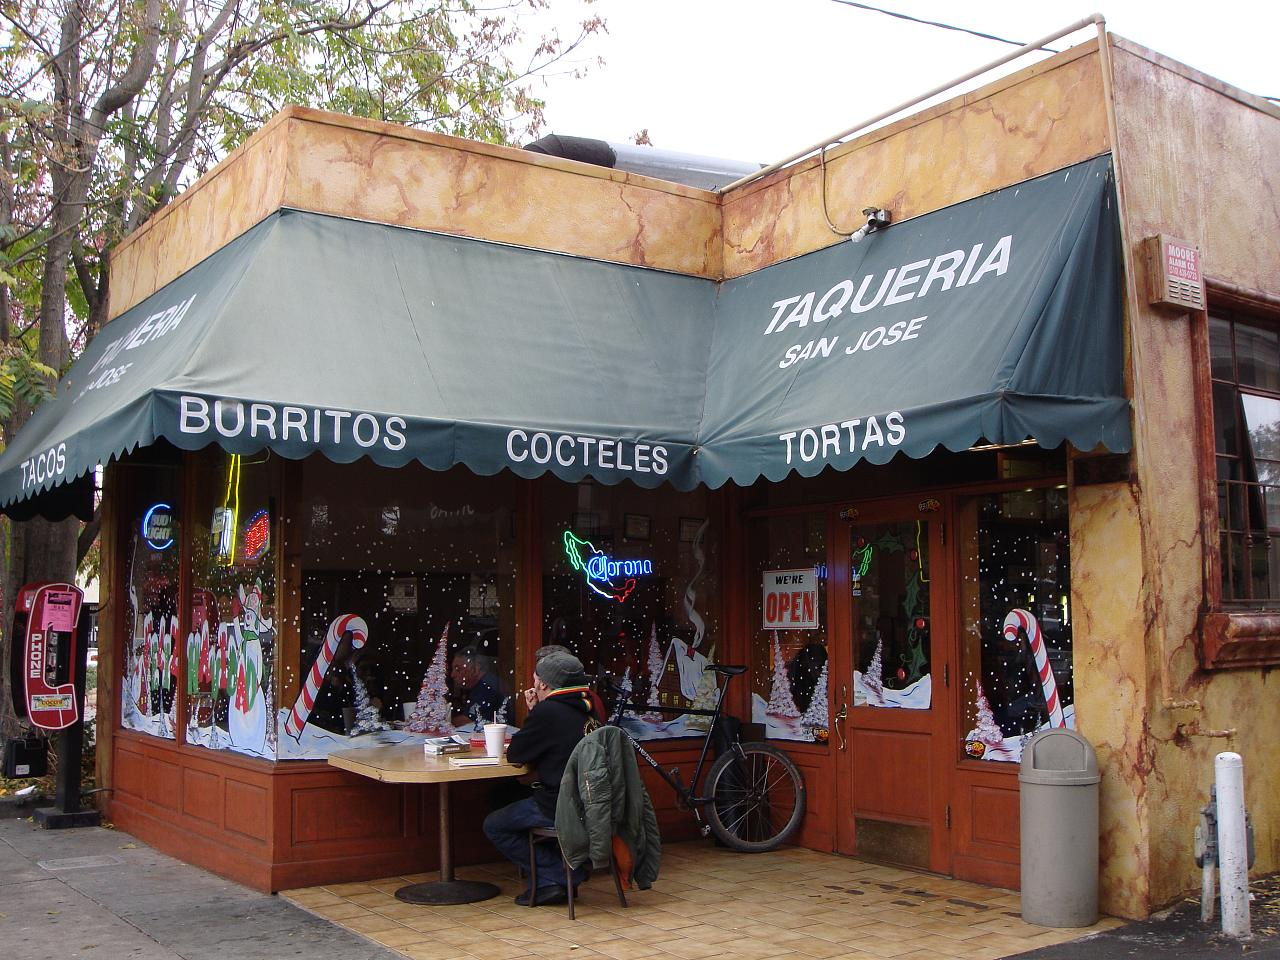 Taqueria San Jose